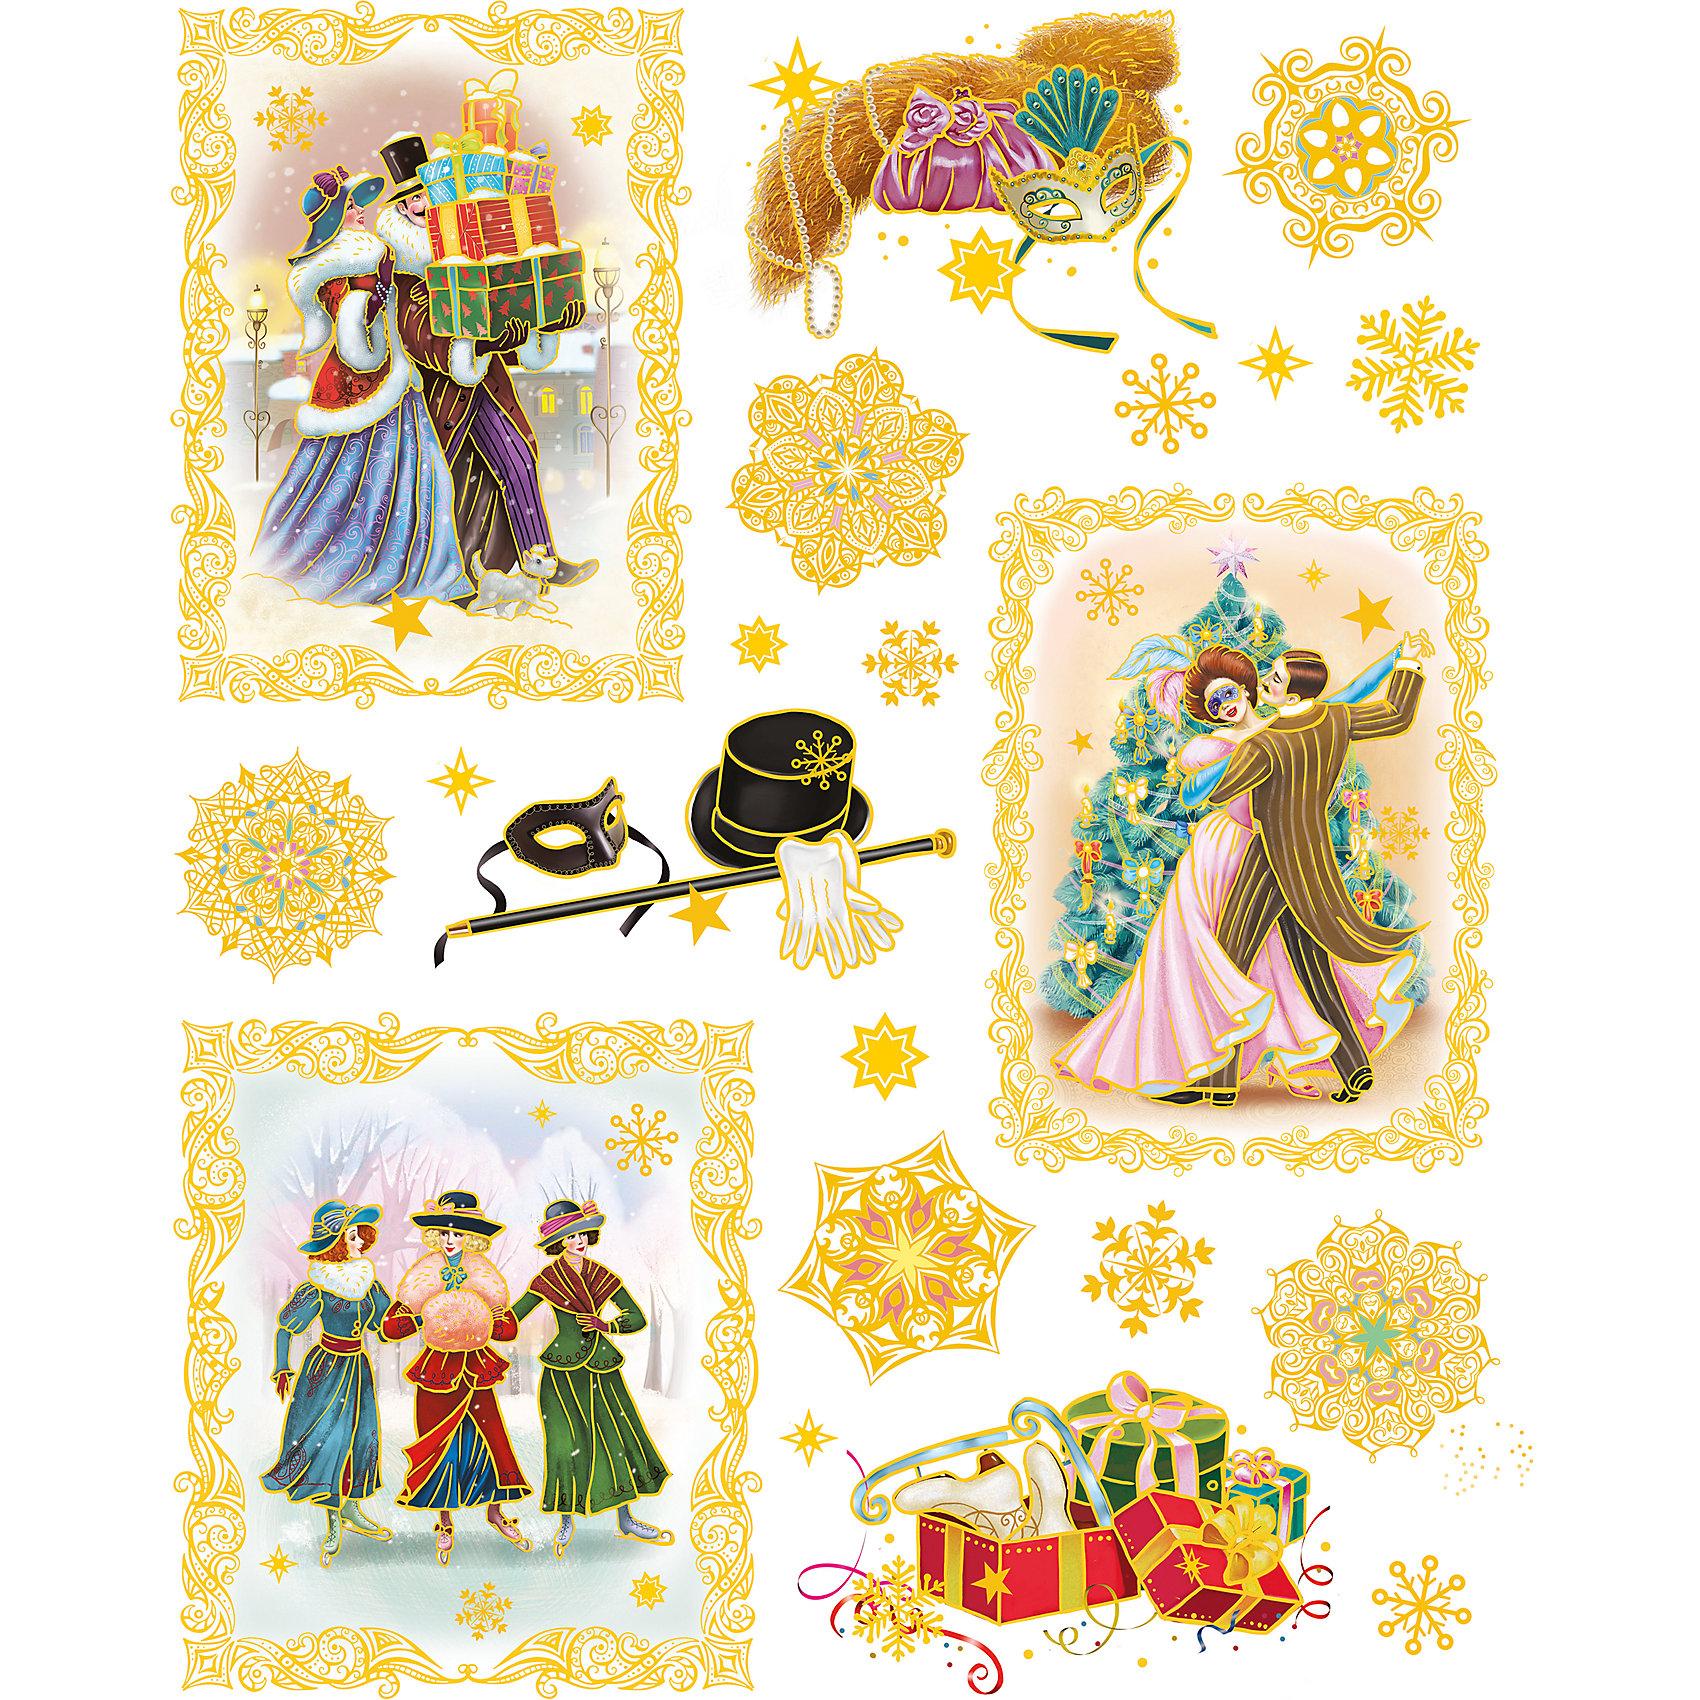 Новогодняя наклейка из ПВХ, 30х38см, Винтажный новый годХарактеристики товара:<br><br>• крепится посредством статического эффекта<br>• размер: 30х38 см<br>• комплектация: 1 лист<br>• материал: ПВХ<br>• для украшения интерьера <br>• страна производства: Китай<br><br>Украшать окна к Новому году всей семьей - традиция во многих домах. Новогодний антураж трудно представить без снежинок или наклеек на окнах! Эта красивая наклейка будет отлично смотреться в окружении любой цветовой гаммы, она качественно выполнена и нарядно смотрится благодаря глиттеру. Крепится на окна с помощью статического эффекта и не оставляет следов! С помощью такой наклейки можно оригинально декорировать квартиру к празднику.<br>Такие небольшие детали и создают праздник! От них во многом зависит хорошее новогоднее настроение. Изделие производится из качественных сертифицированных материалов, безопасных даже для самых маленьких.<br><br>Новогоднюю наклейку из ПВХ, 30х38см, Винтажный новый год можно купить в нашем интернет-магазине.<br><br>Ширина мм: 420<br>Глубина мм: 300<br>Высота мм: 2<br>Вес г: 30<br>Возраст от месяцев: 72<br>Возраст до месяцев: 480<br>Пол: Унисекс<br>Возраст: Детский<br>SKU: 5051679